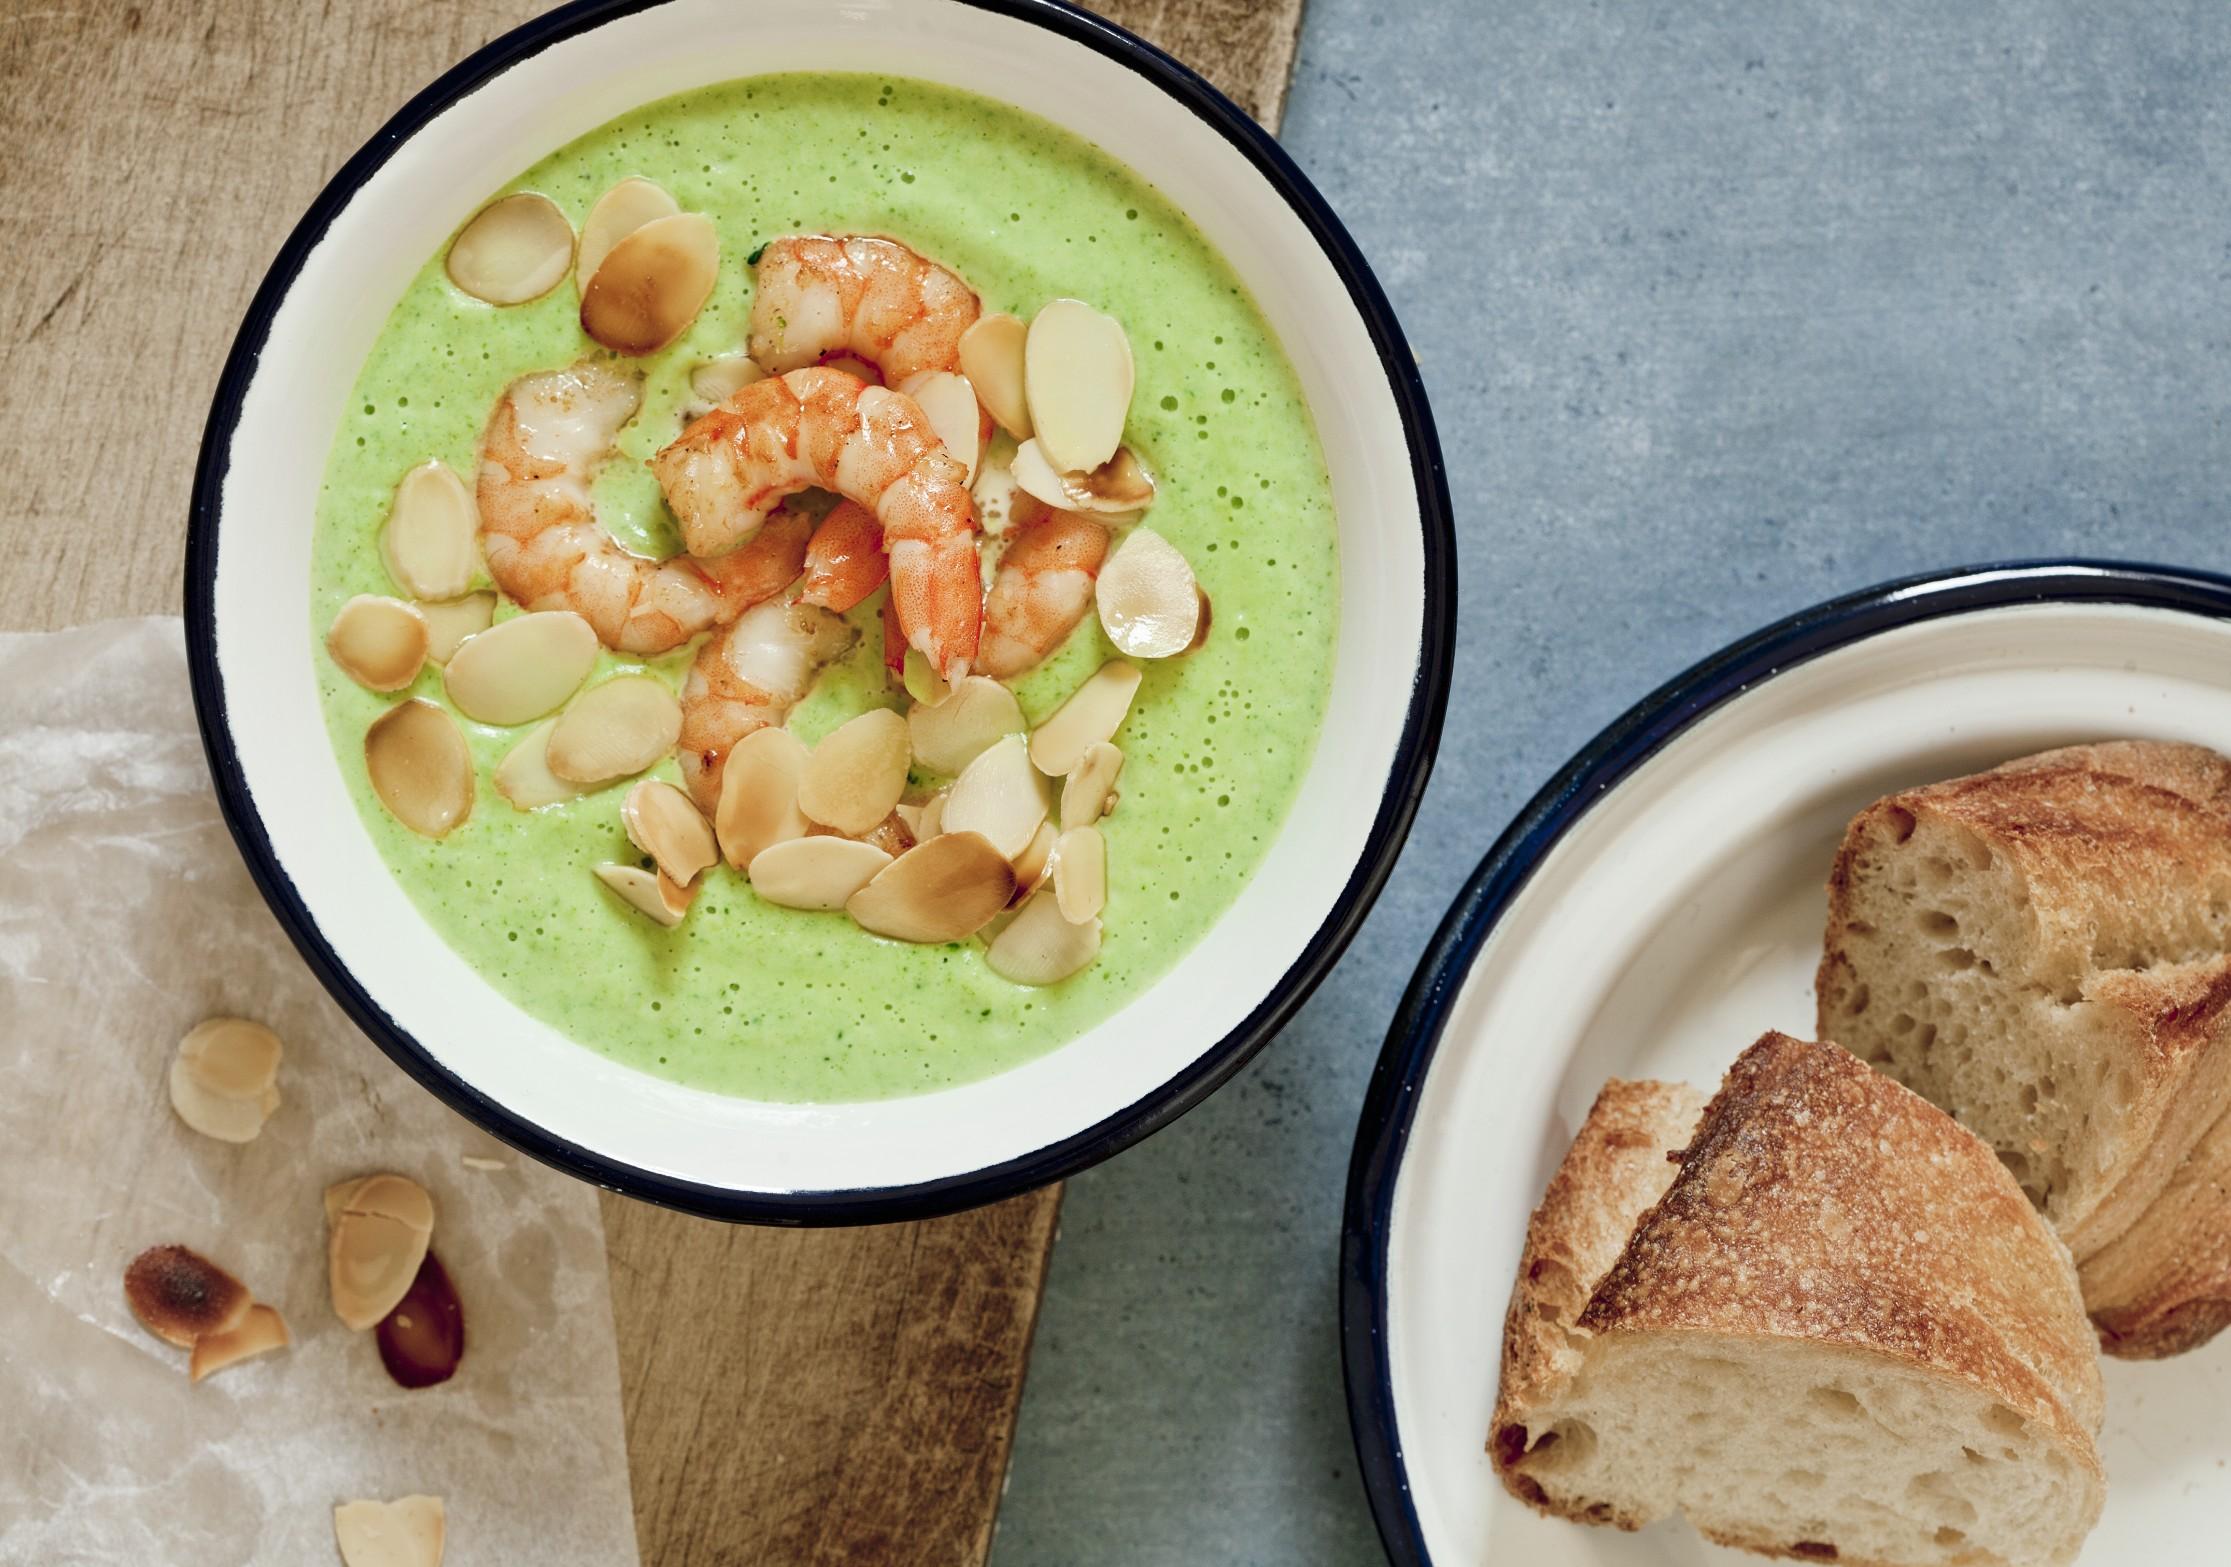 Brokkolicremesuppe mit Garnelen und Mandelblättchen